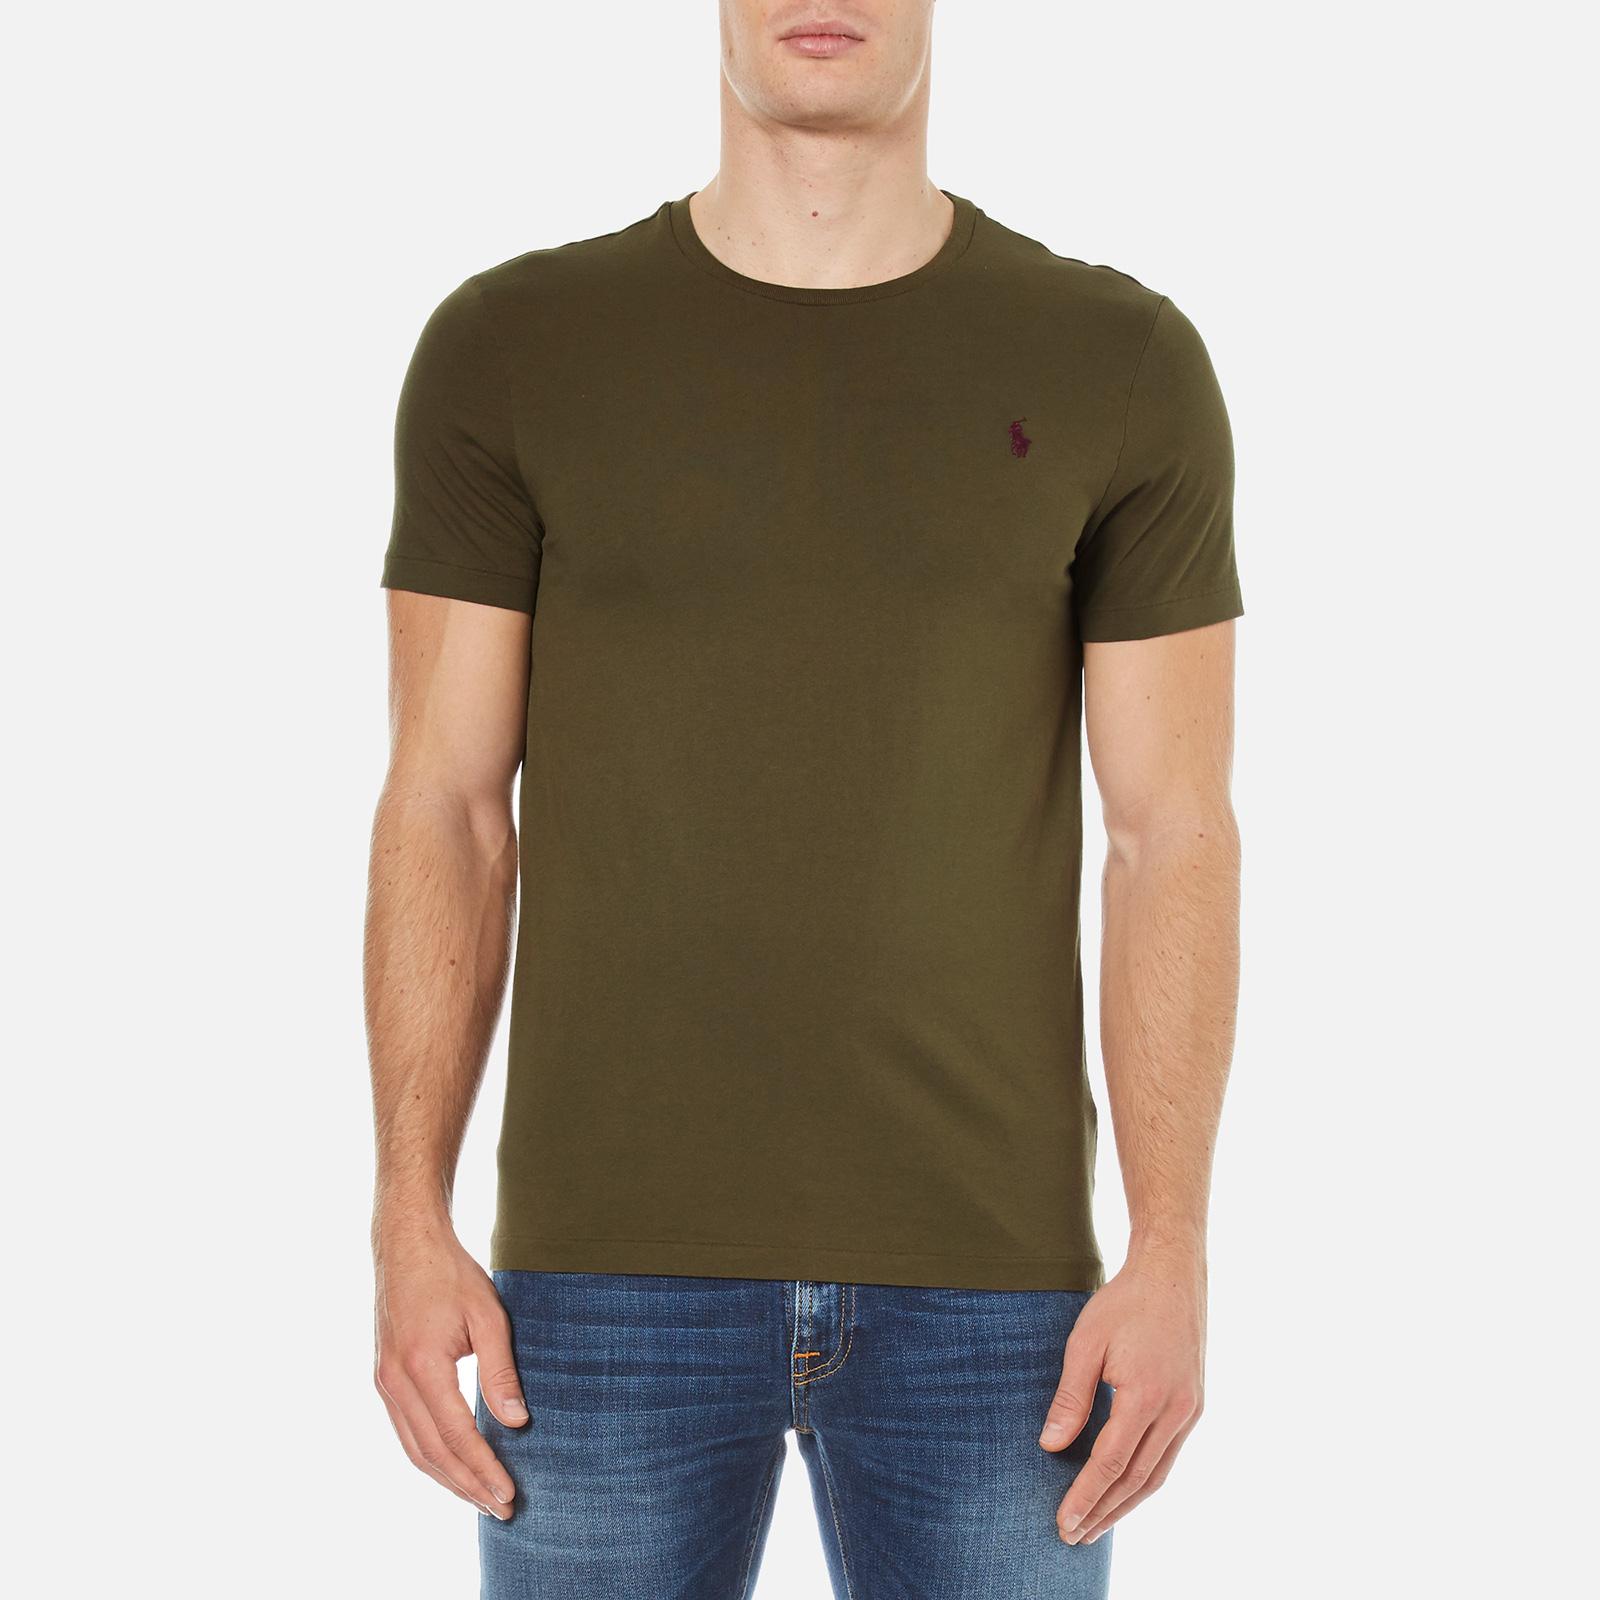 37c6270ec8721 Polo Ralph Lauren Men s Short Sleeve Crew Neck Custom Fit T-Shirt - Defender  Green - Free UK Delivery over £50